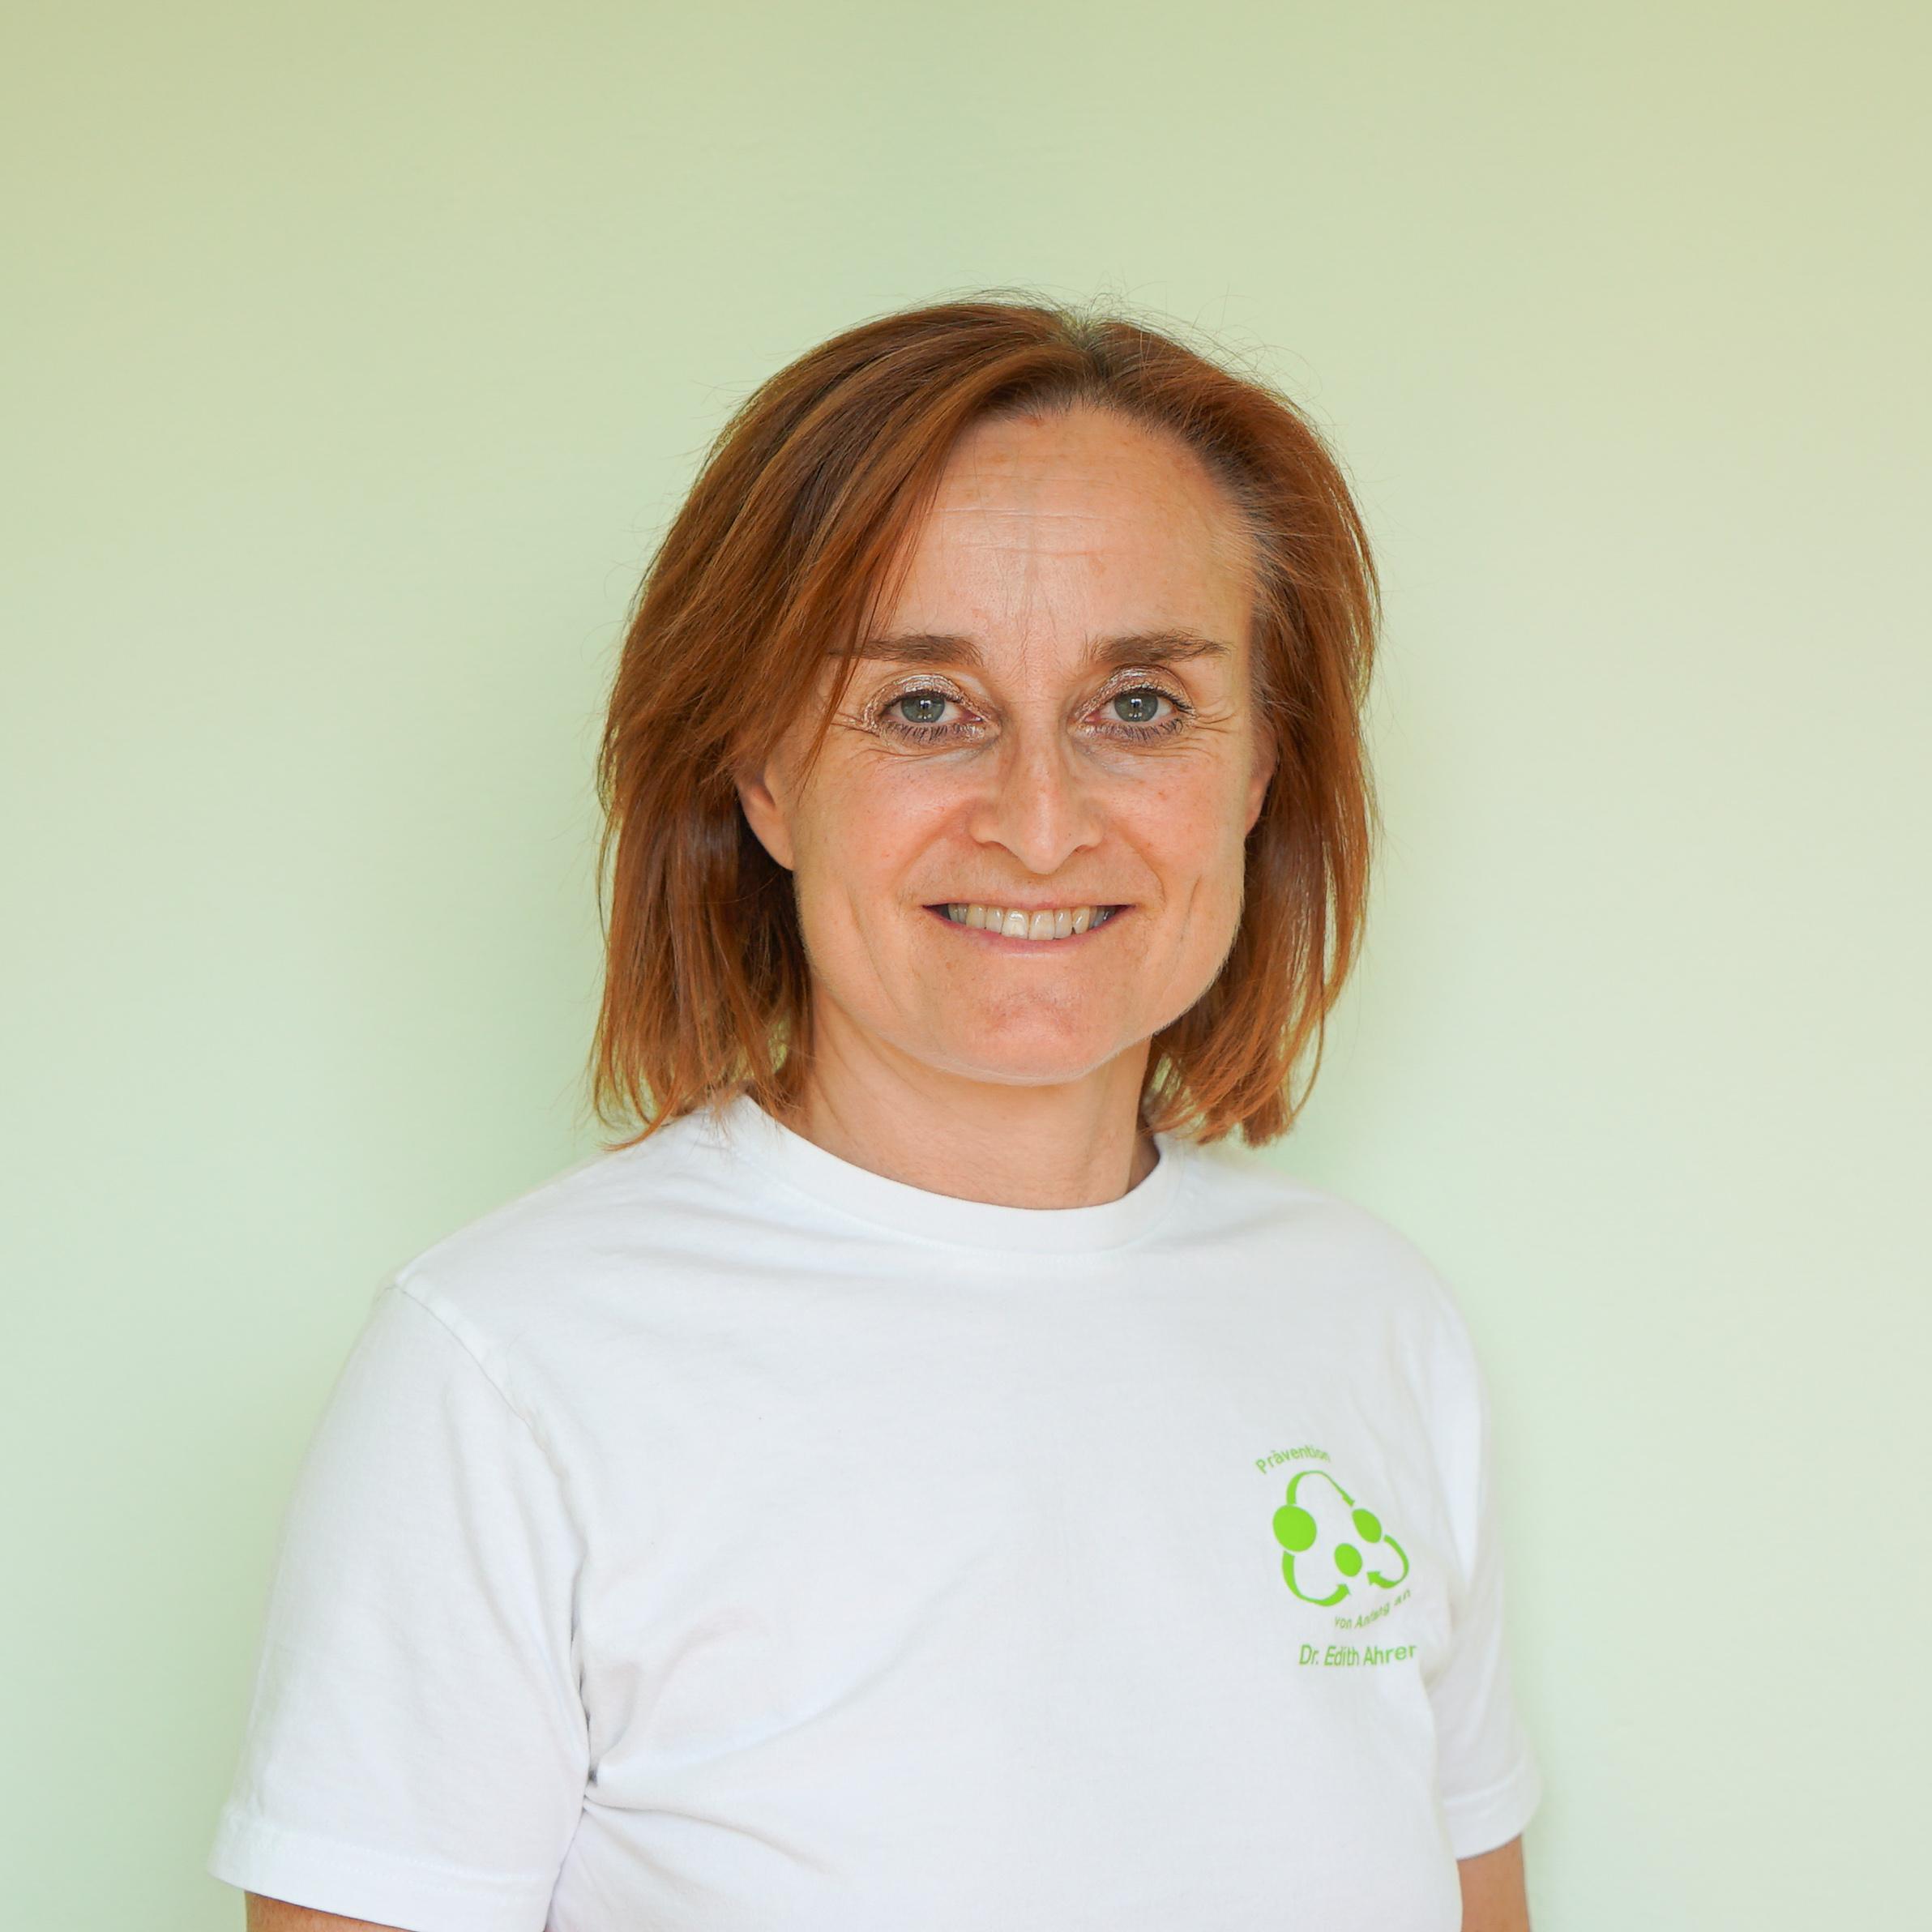 Dr. Edith Ahrer